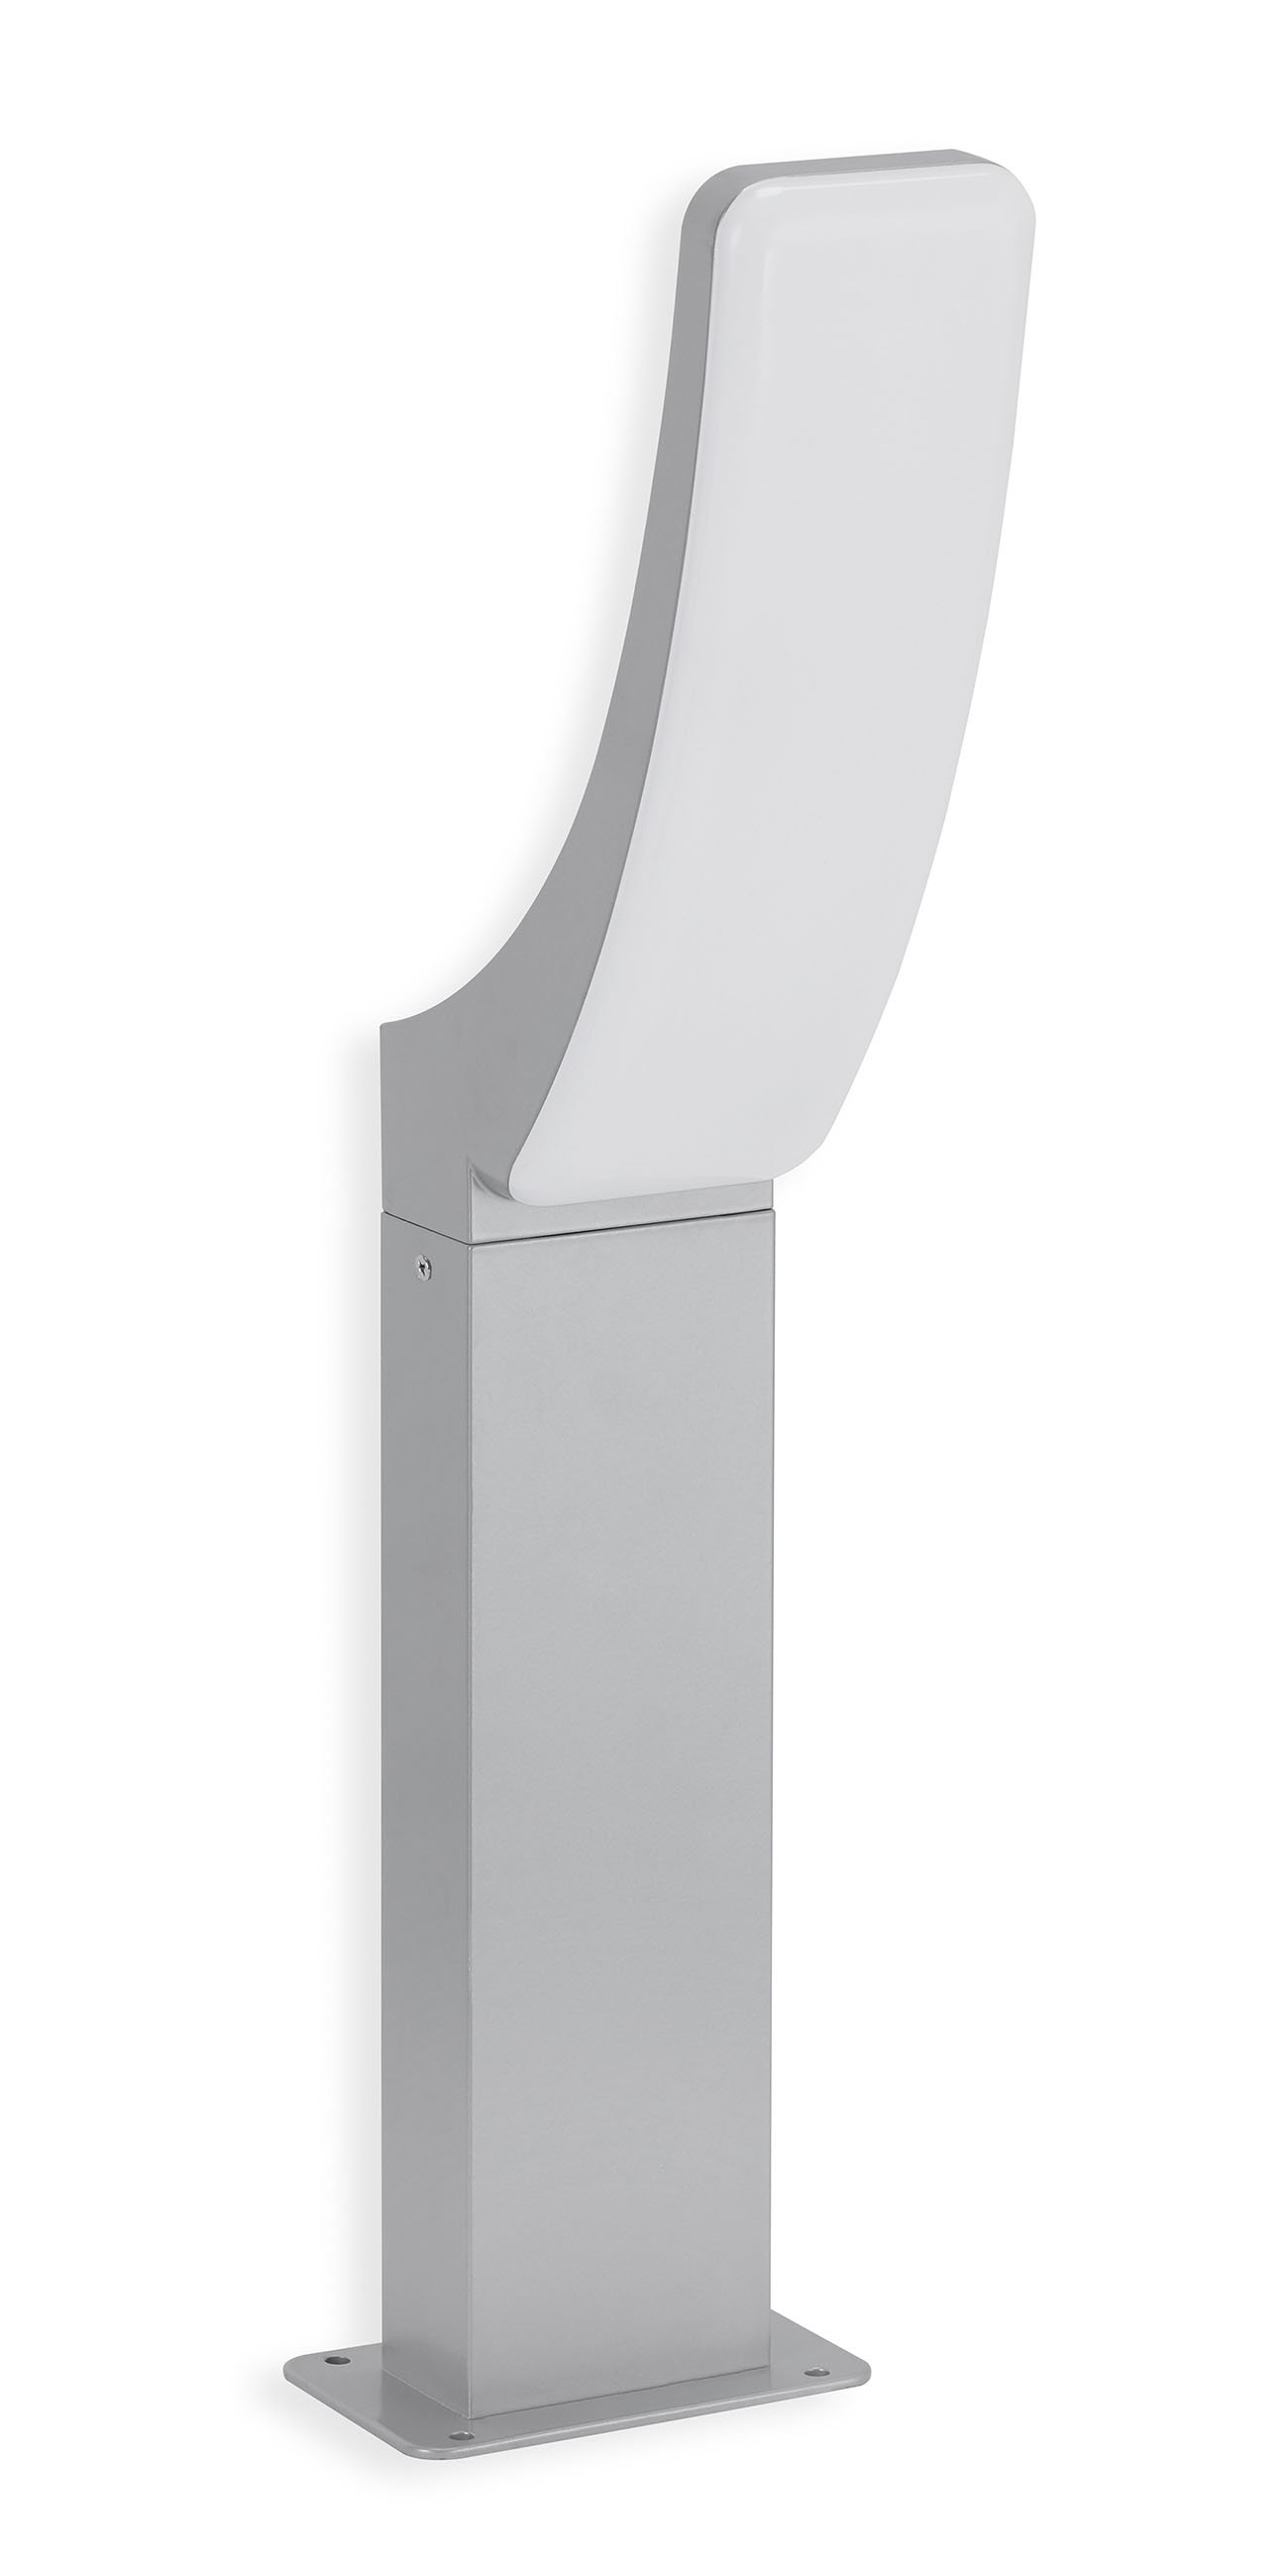 TELEFUNKEN LED Aussenstehleuchte, 57 cm, 15 W, Silber